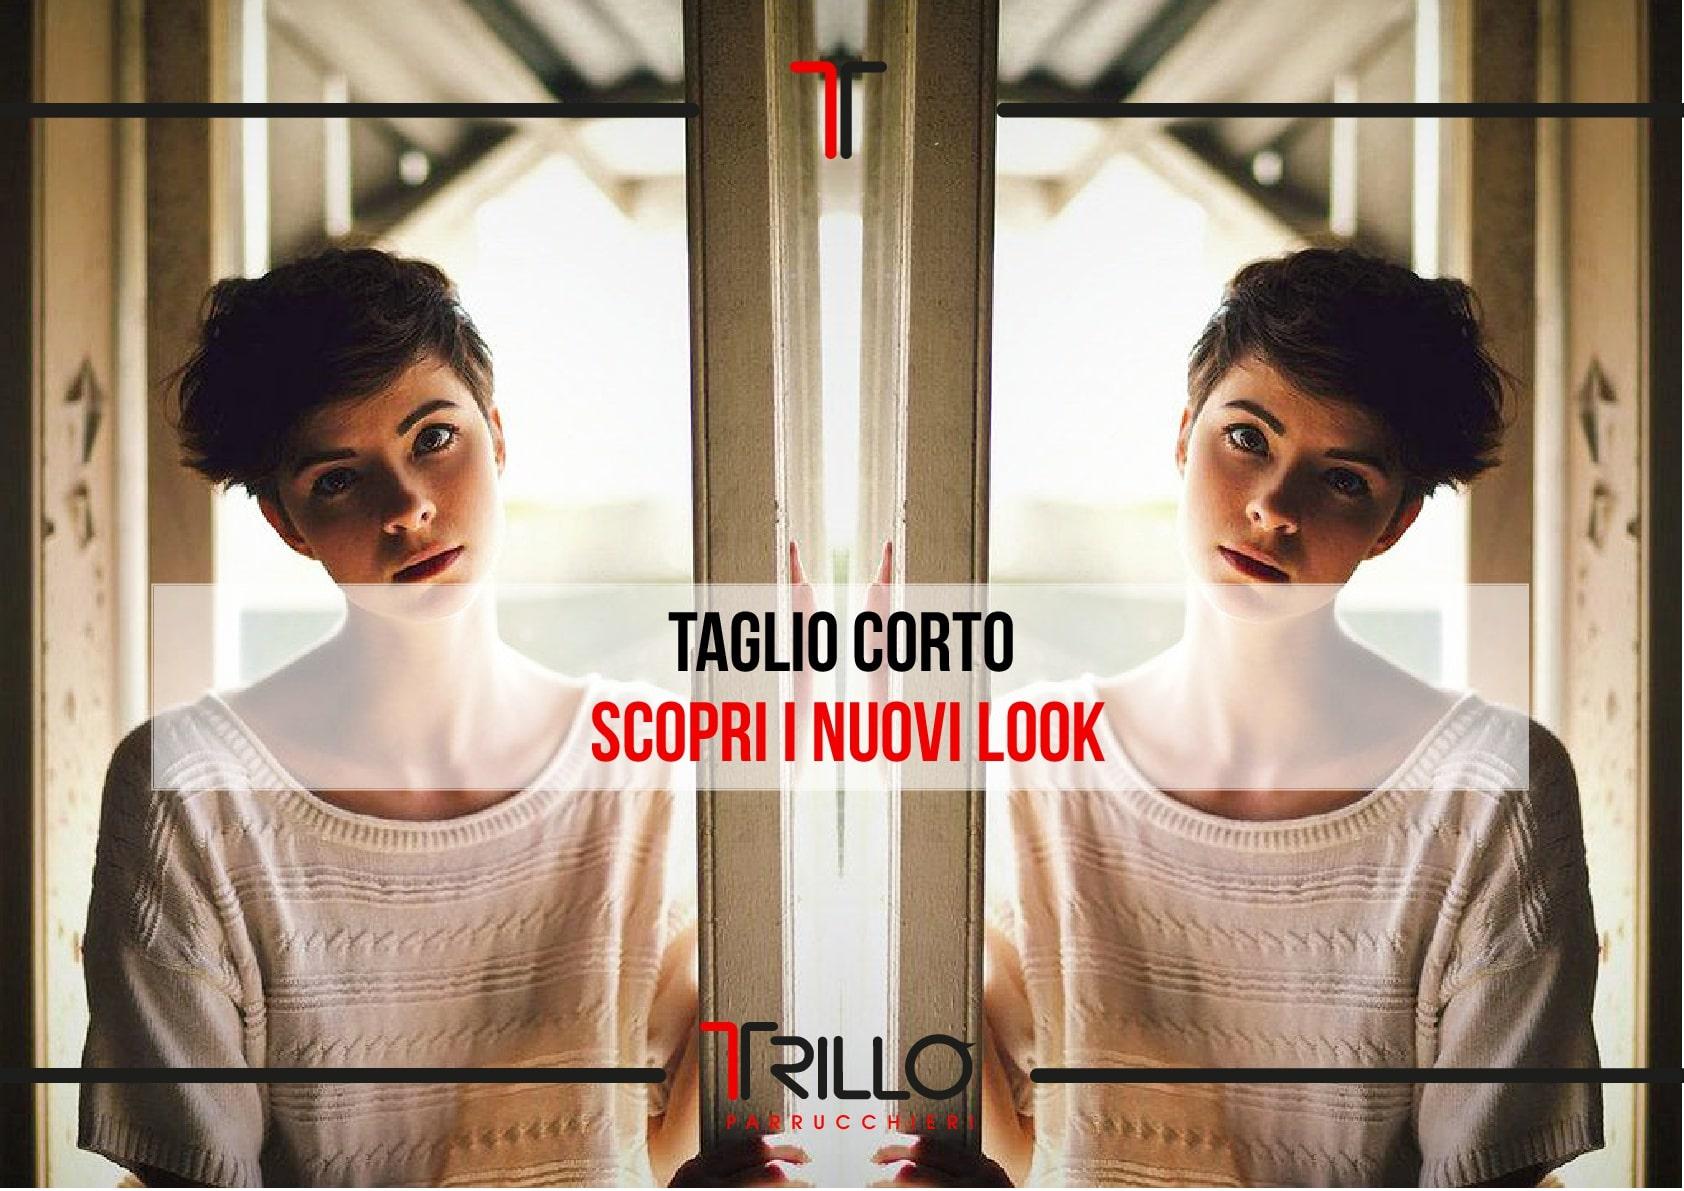 Taglio Corto - Scopri i Nuovi Look